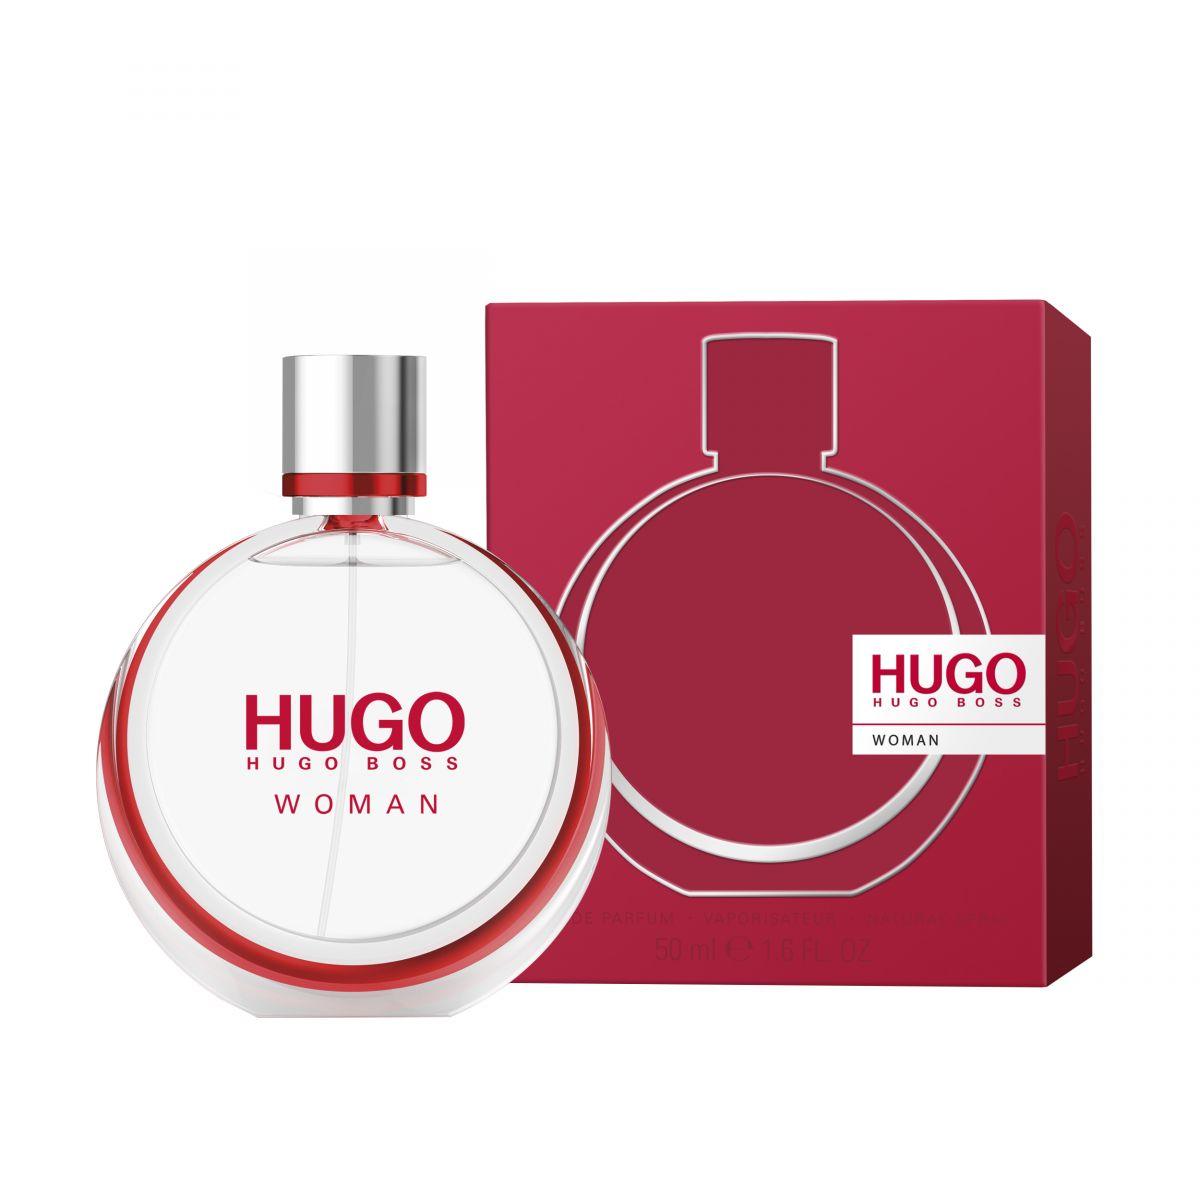 Твой аромат, твой путь: дерзкая новинка HUGO Woman